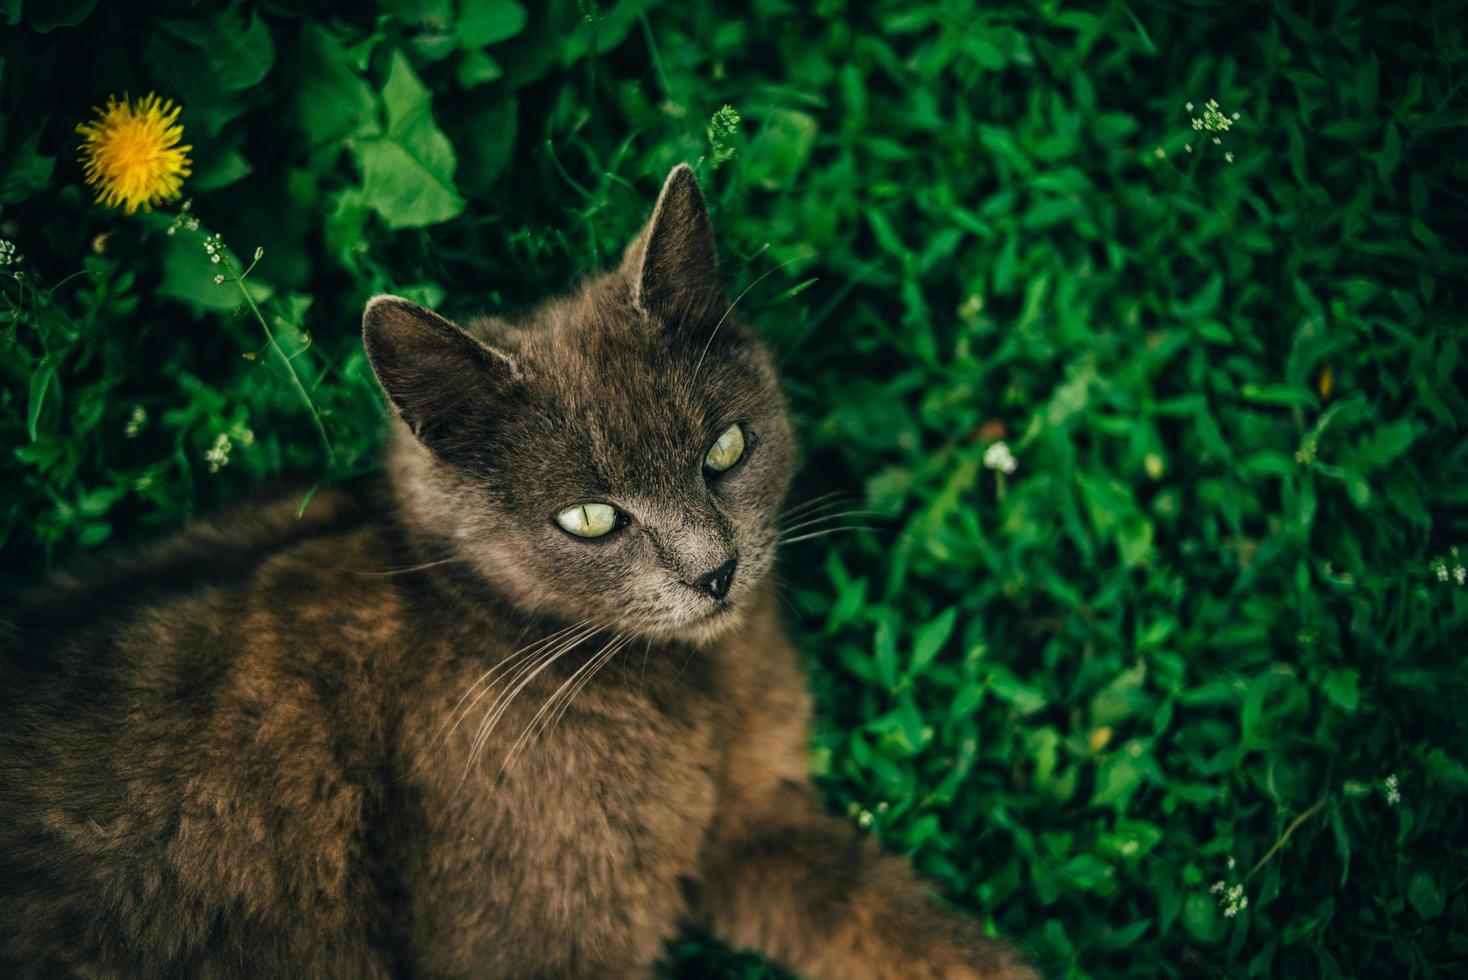 chat couché dans l'herbe photo